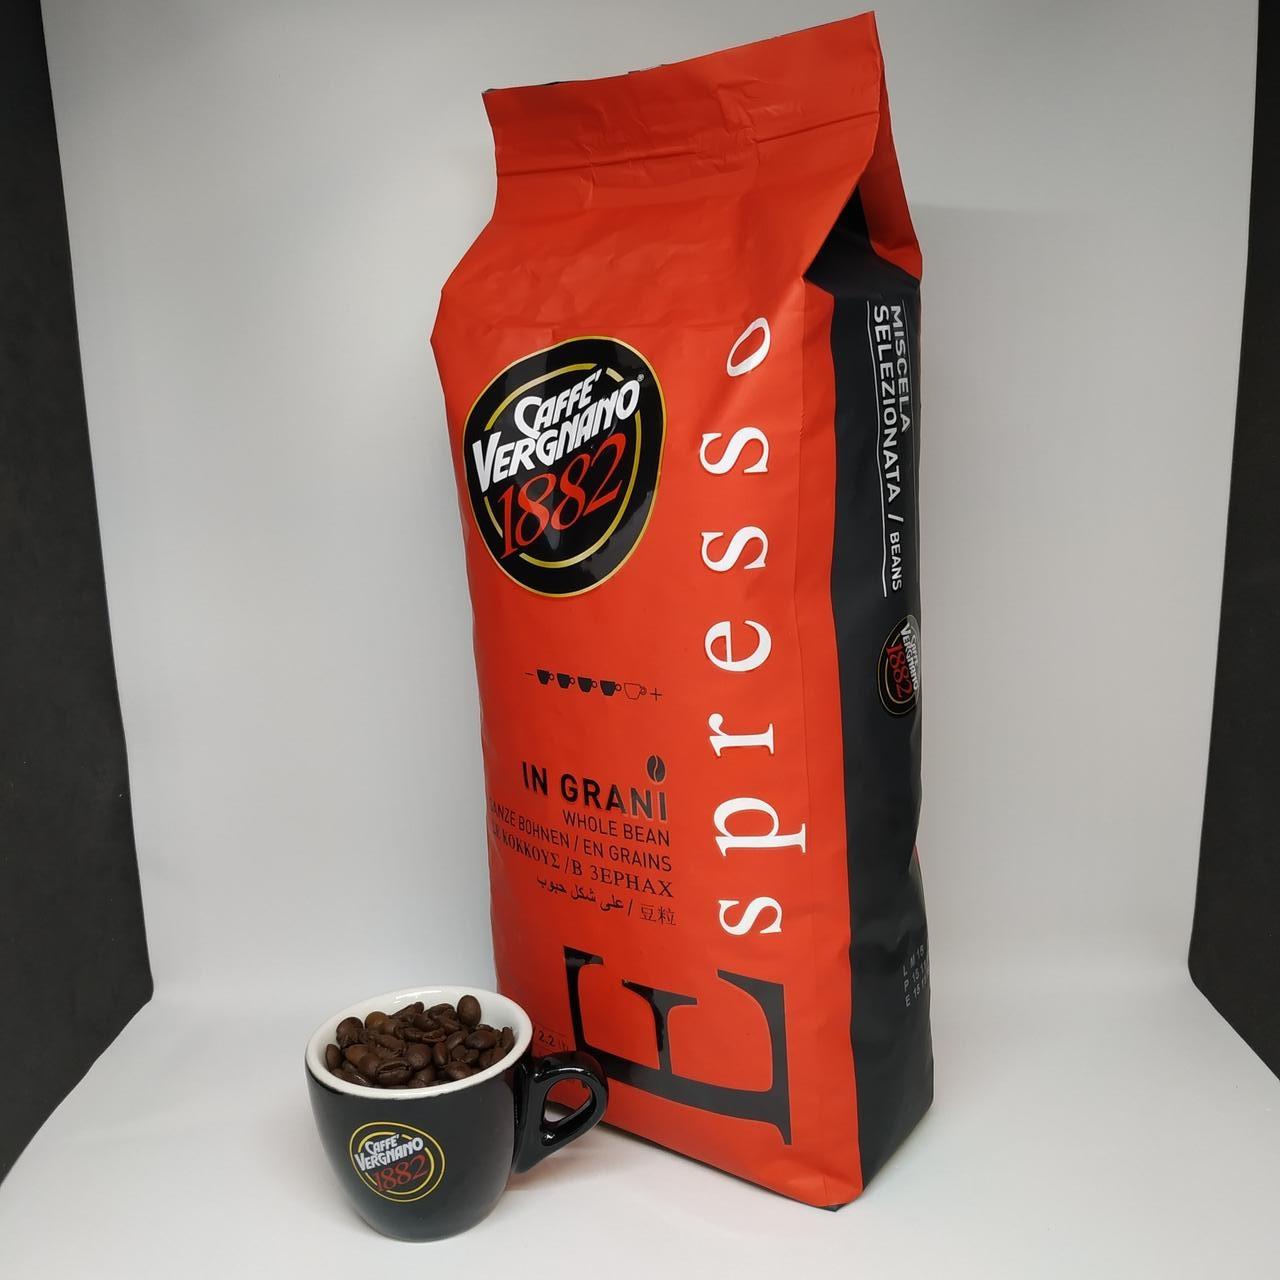 Кава зернова Caffe Vergnano 1882 Espresso Bar